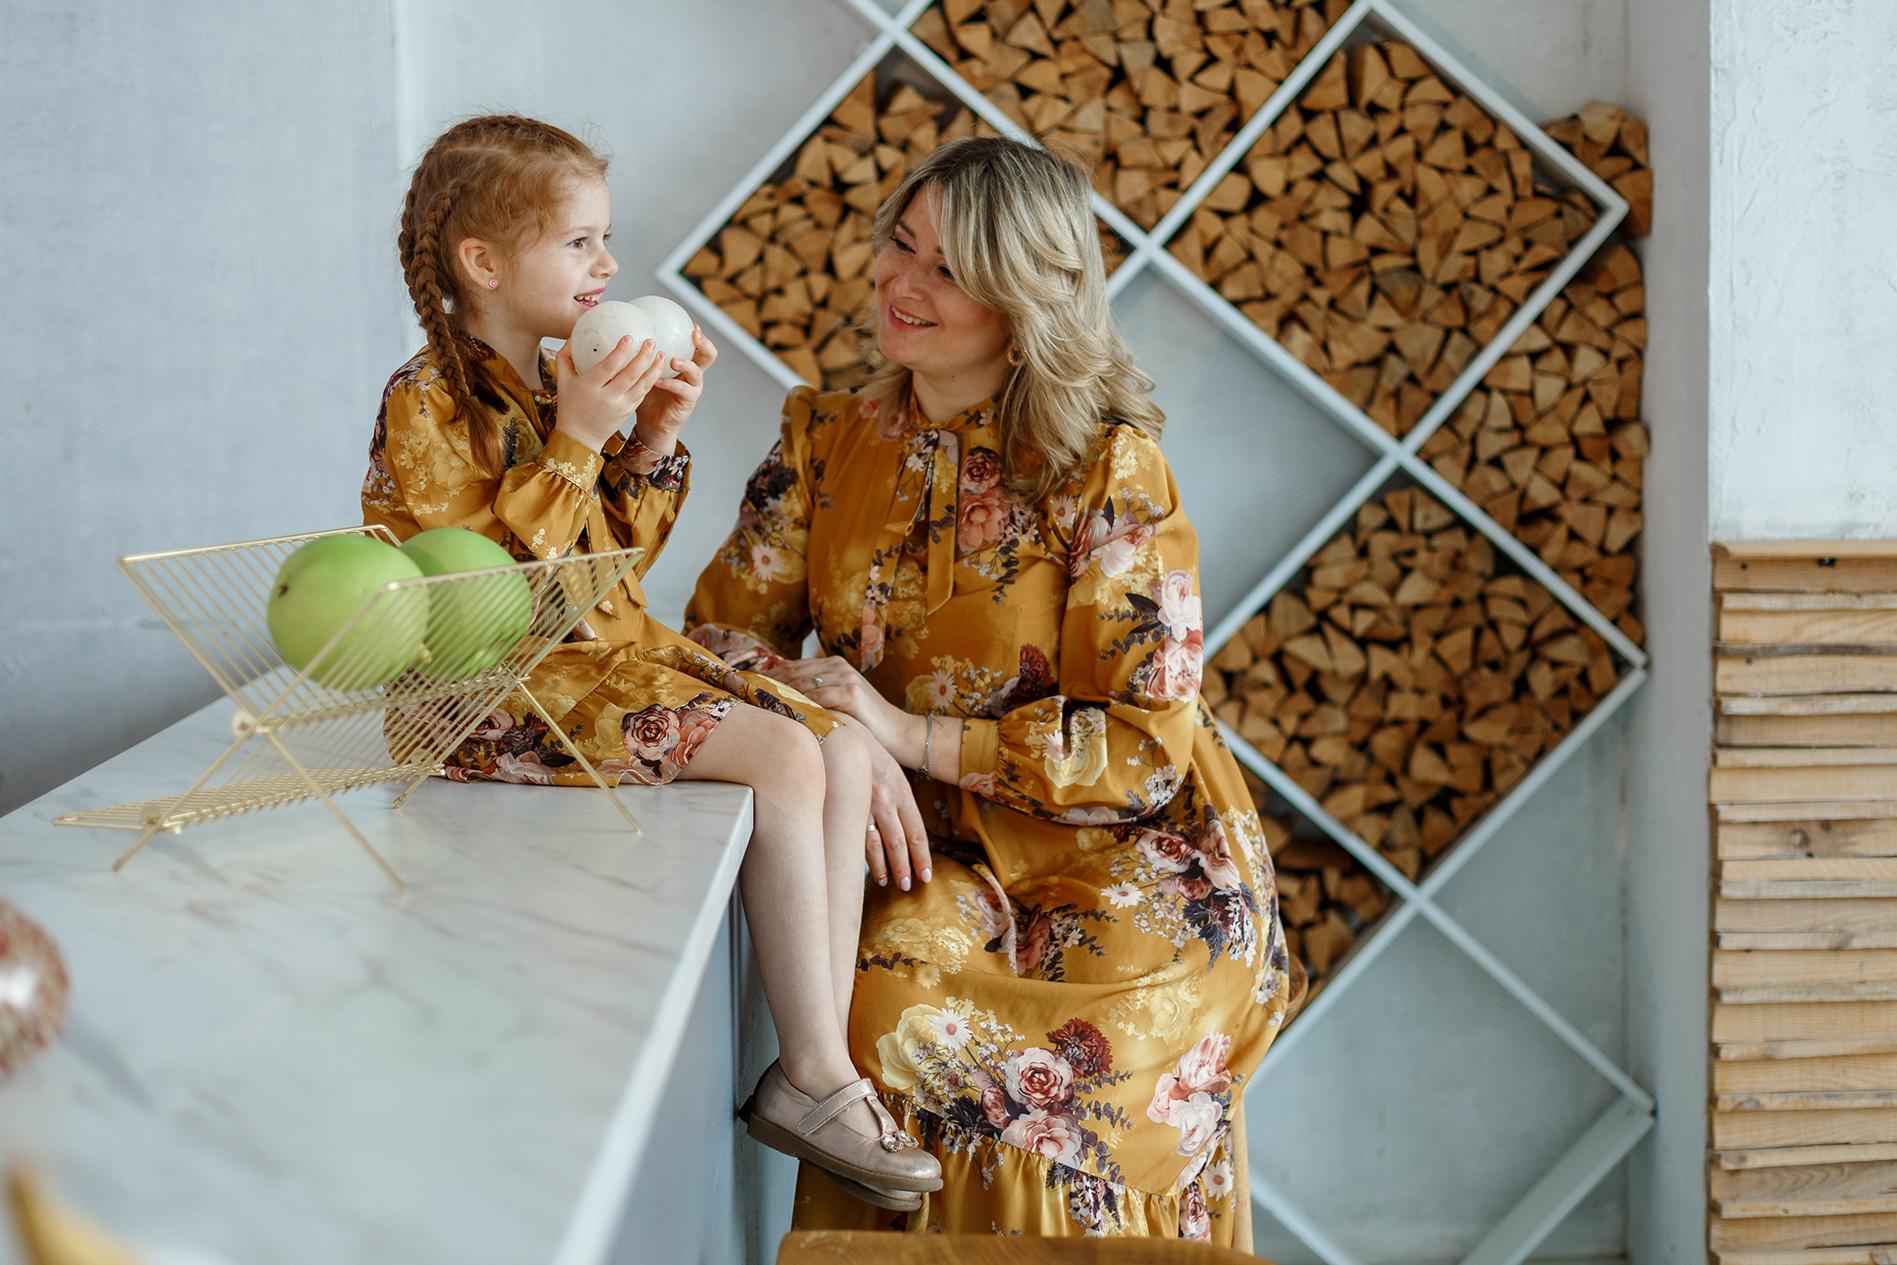 семейная фотосессия в студии, девочка играет с мамой, фотосессия мама и дочь, фотосьемка для мамы